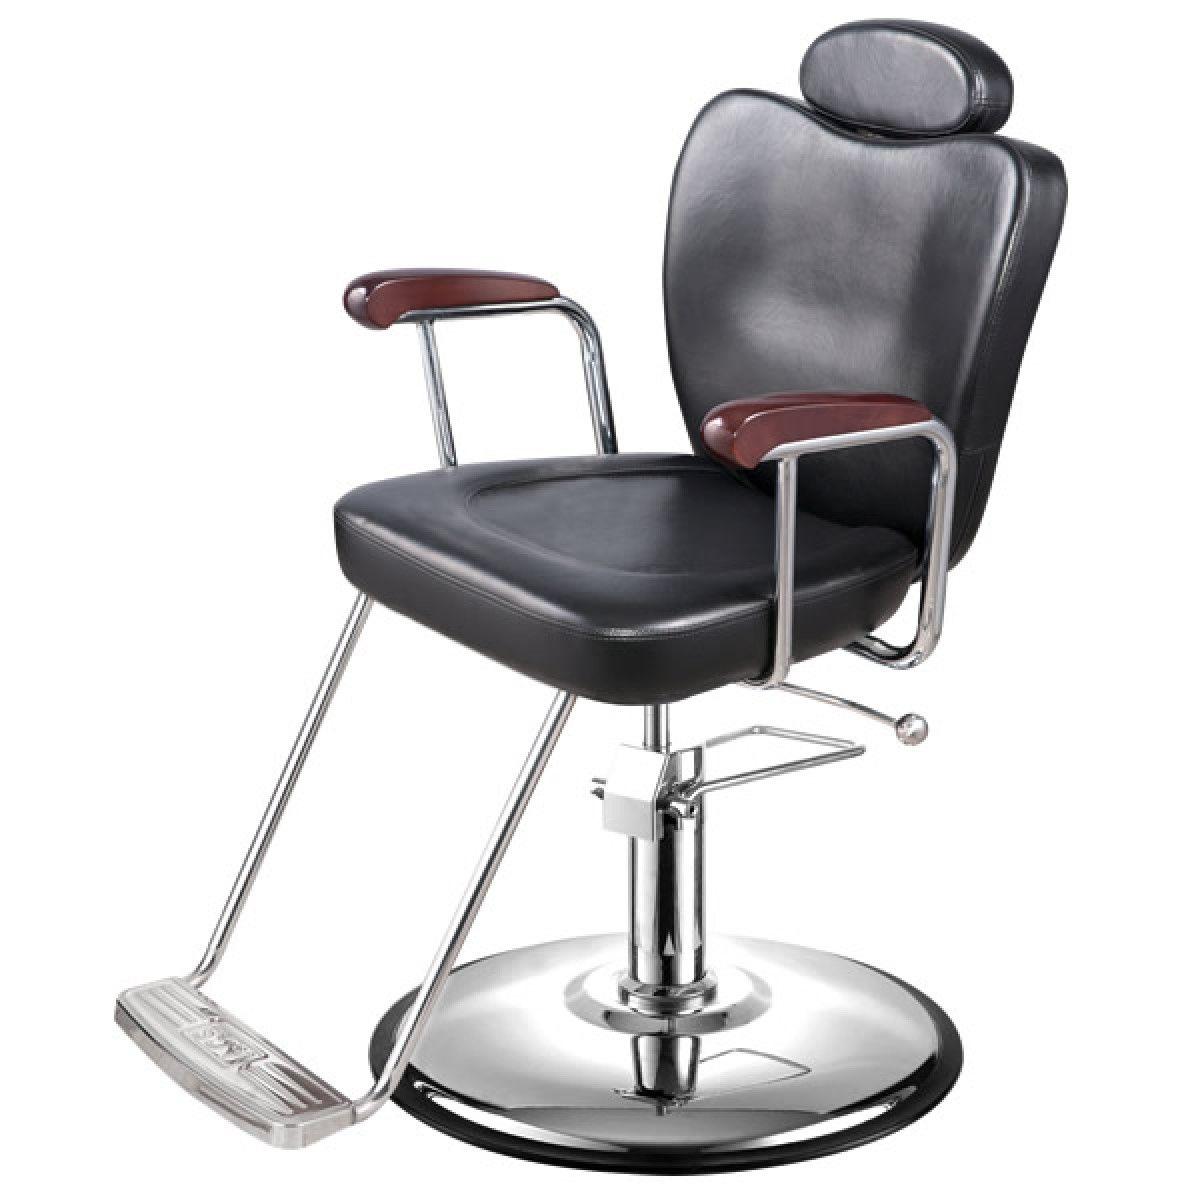 Allpurpose chair reclining salon chair chair